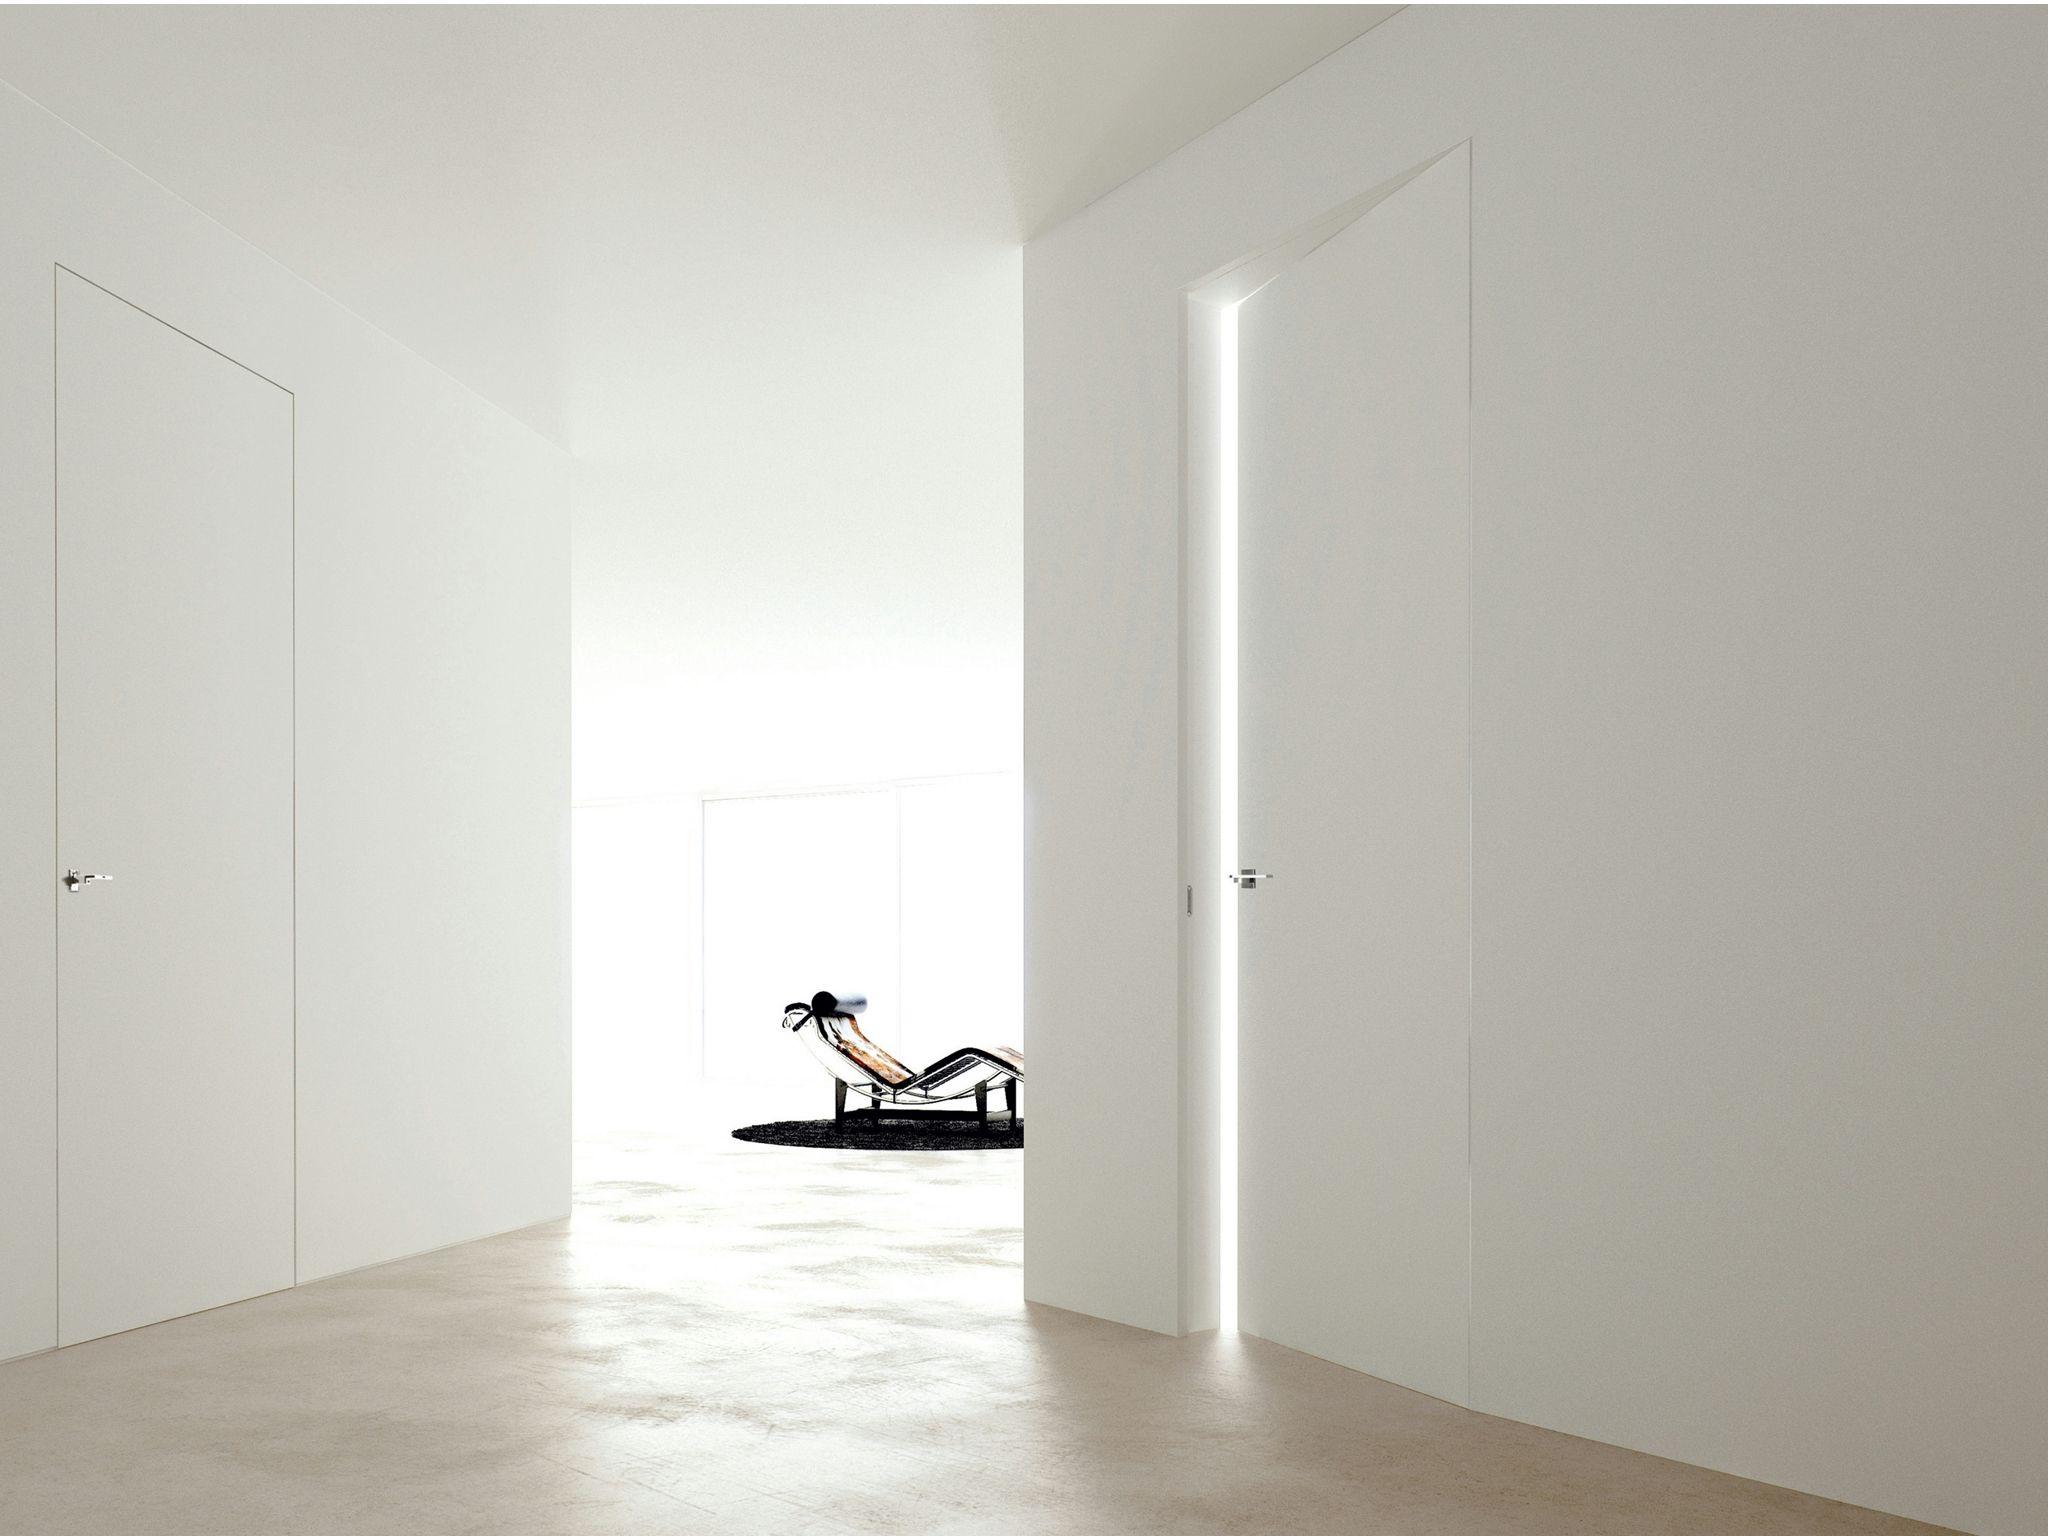 Porta a filo muro linear zero by ghizzi benatti - Porta a muro ...